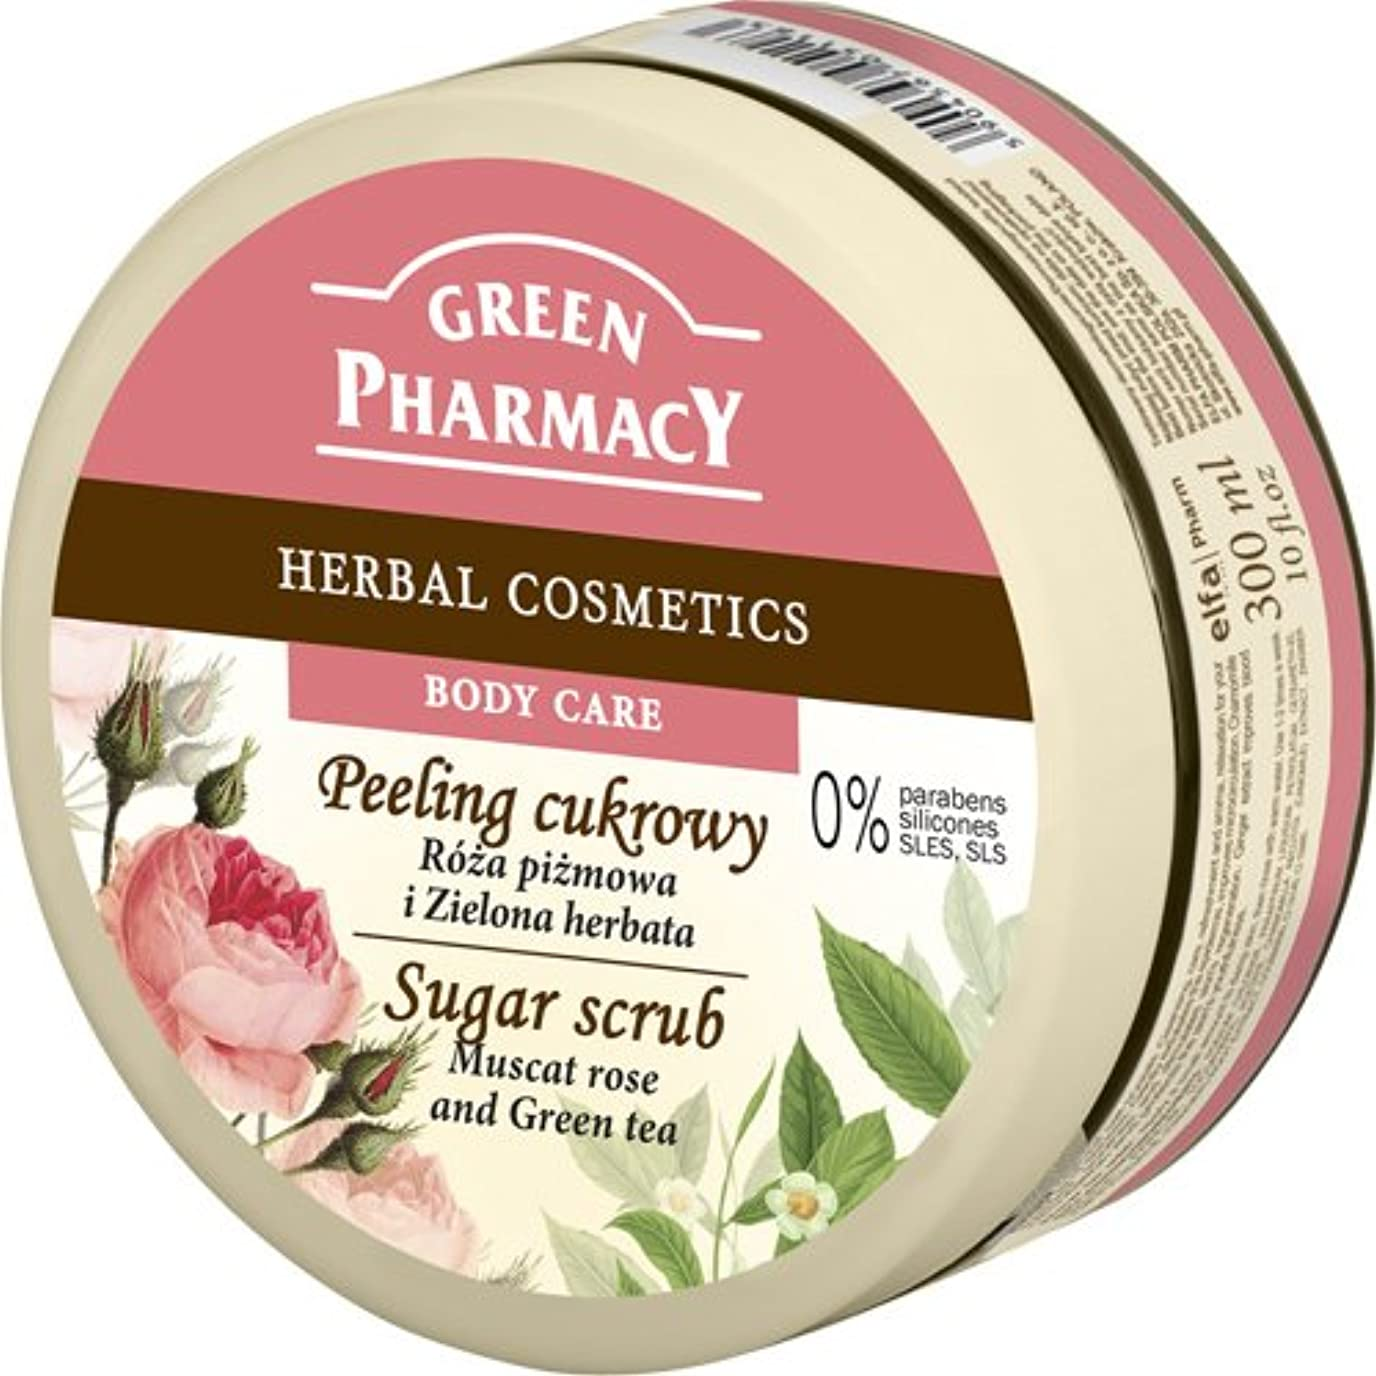 シャワーミントランチョンElfa Pharm Green Pharmacy Sugar Scrub シュガースクラブ Muscat Rose and Green Tea